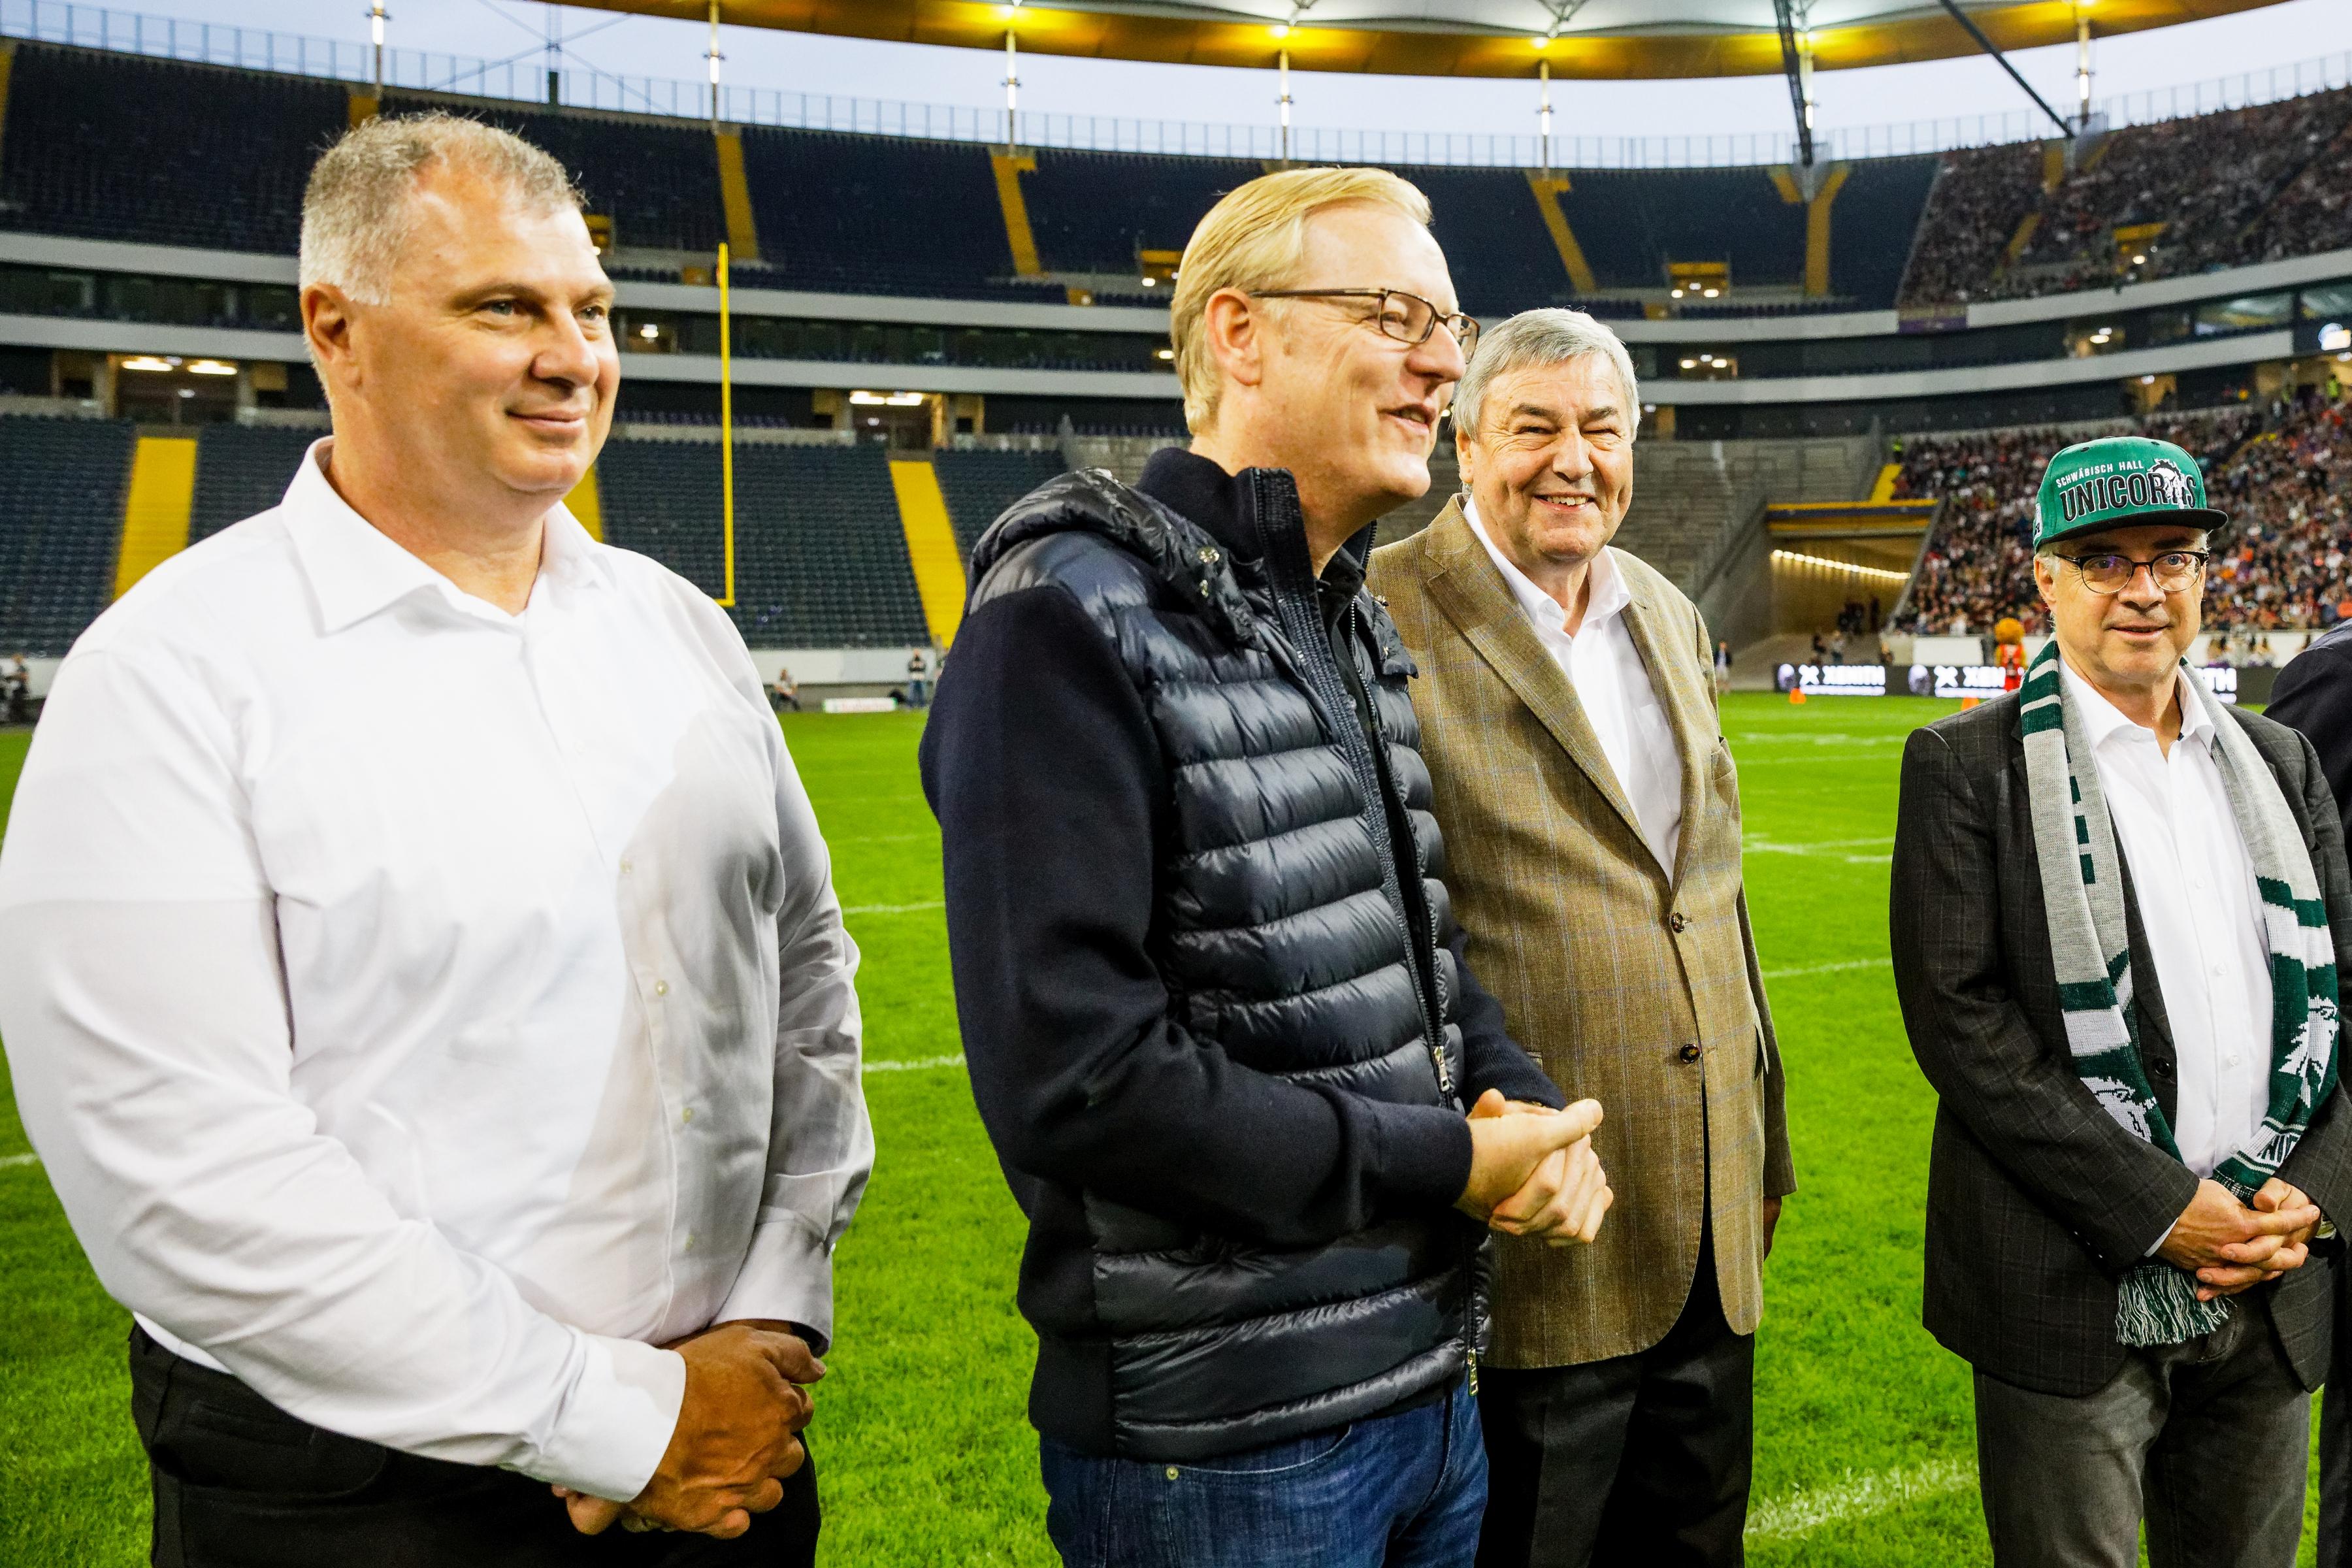 Randy Ambrosie (CFL, links im Bild) beim German Bowl XLI